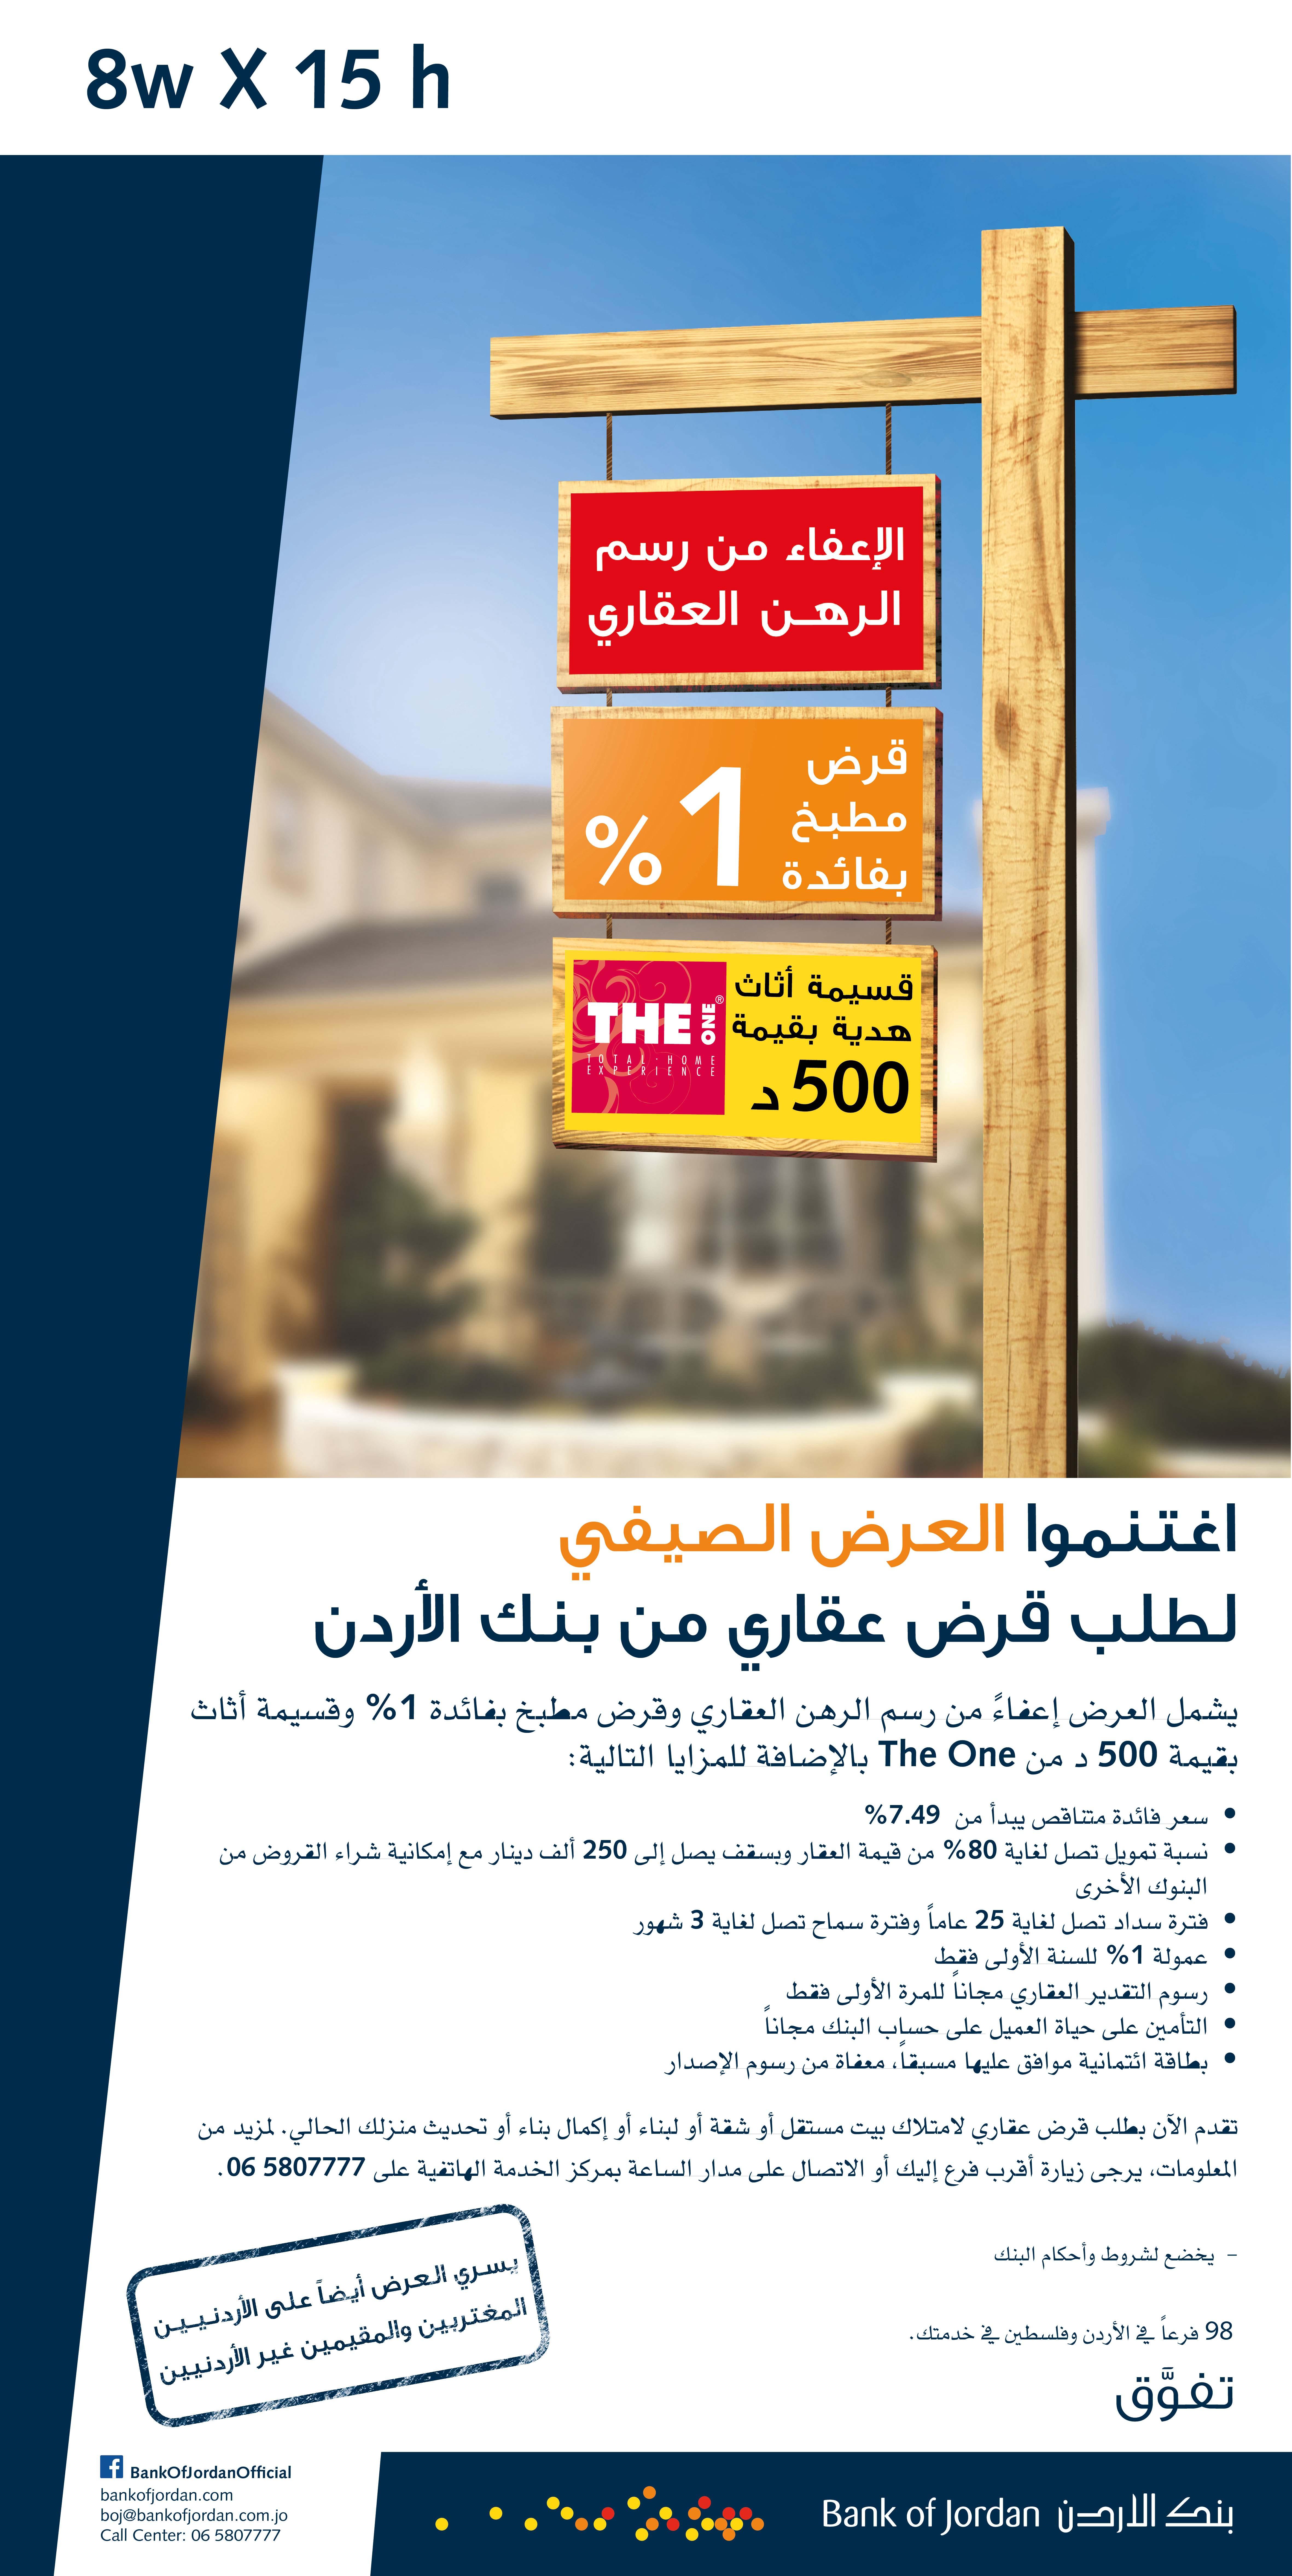 بنك الأردن يطلق عرض الصيف للقروض العقارية